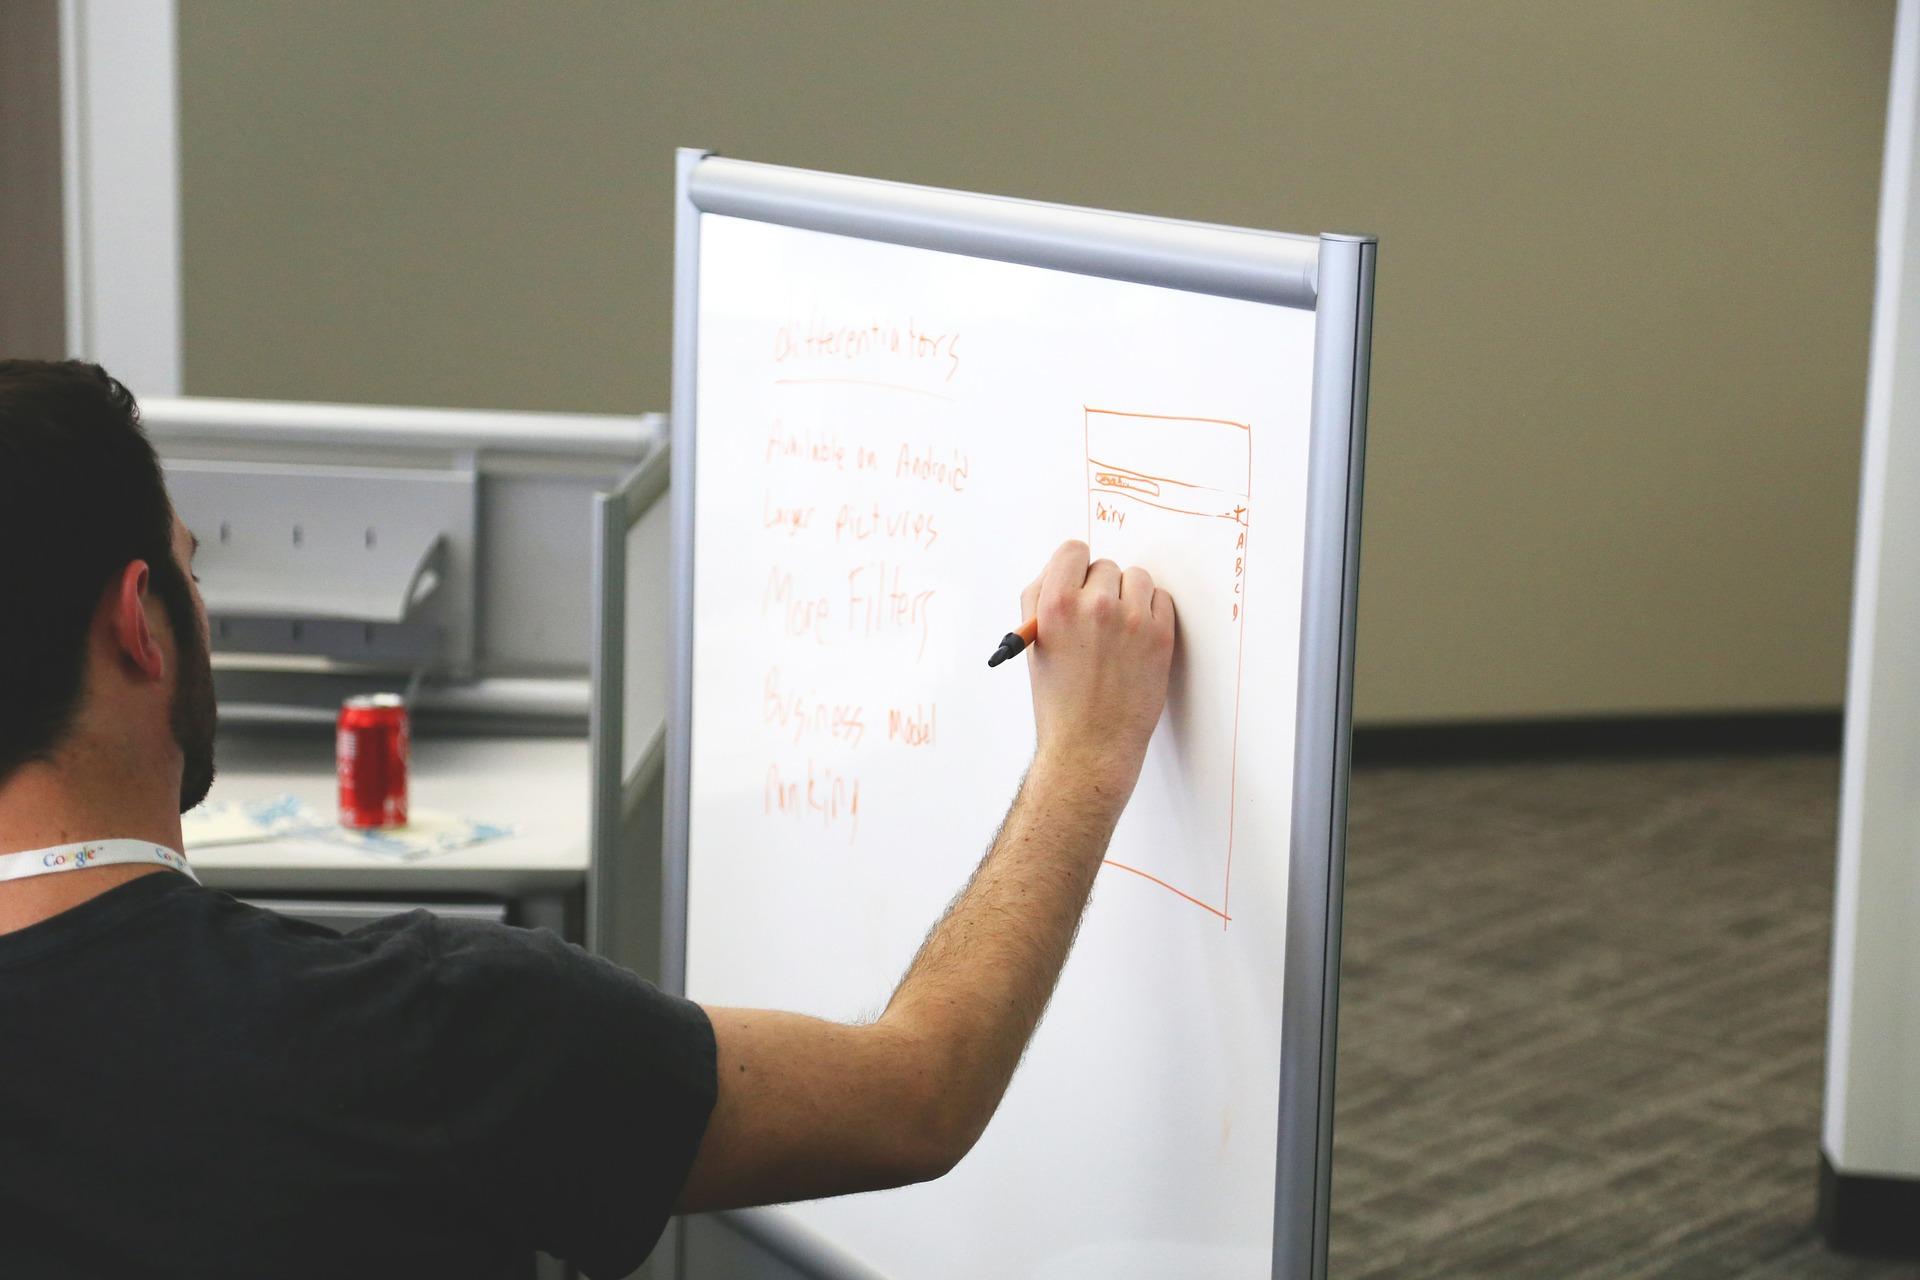 spisywanie pomysłów, celów i kroków rozwojowych na tablicy